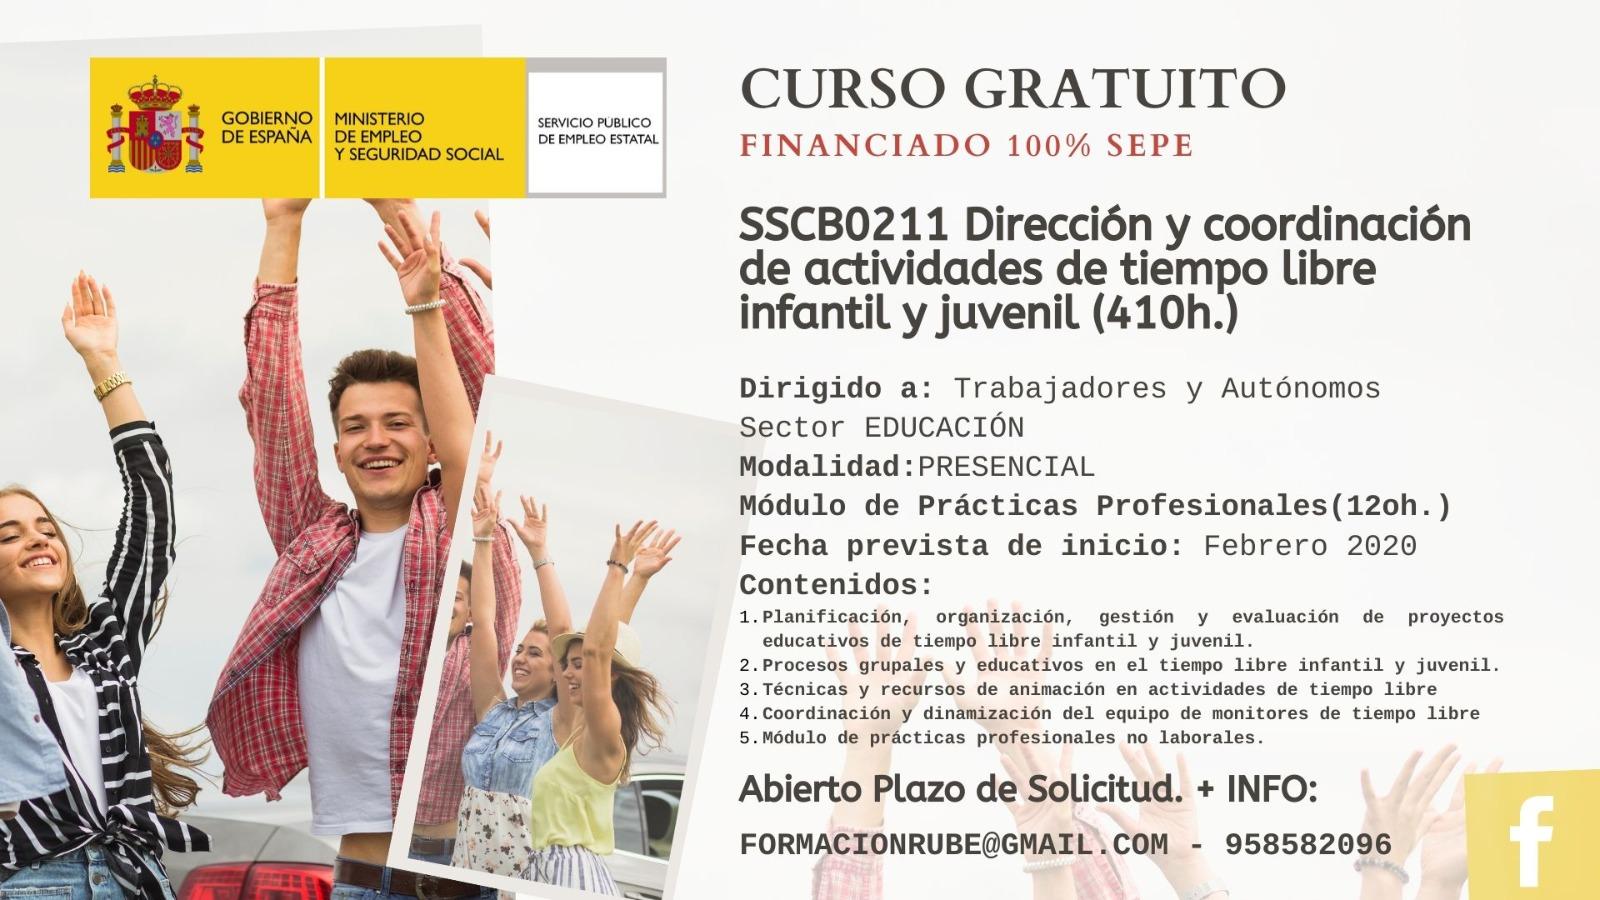 Curso Gratuito de Dirección y Coordinación de Actividades de Tiempo Libre Educativo Infantil y Juvenil